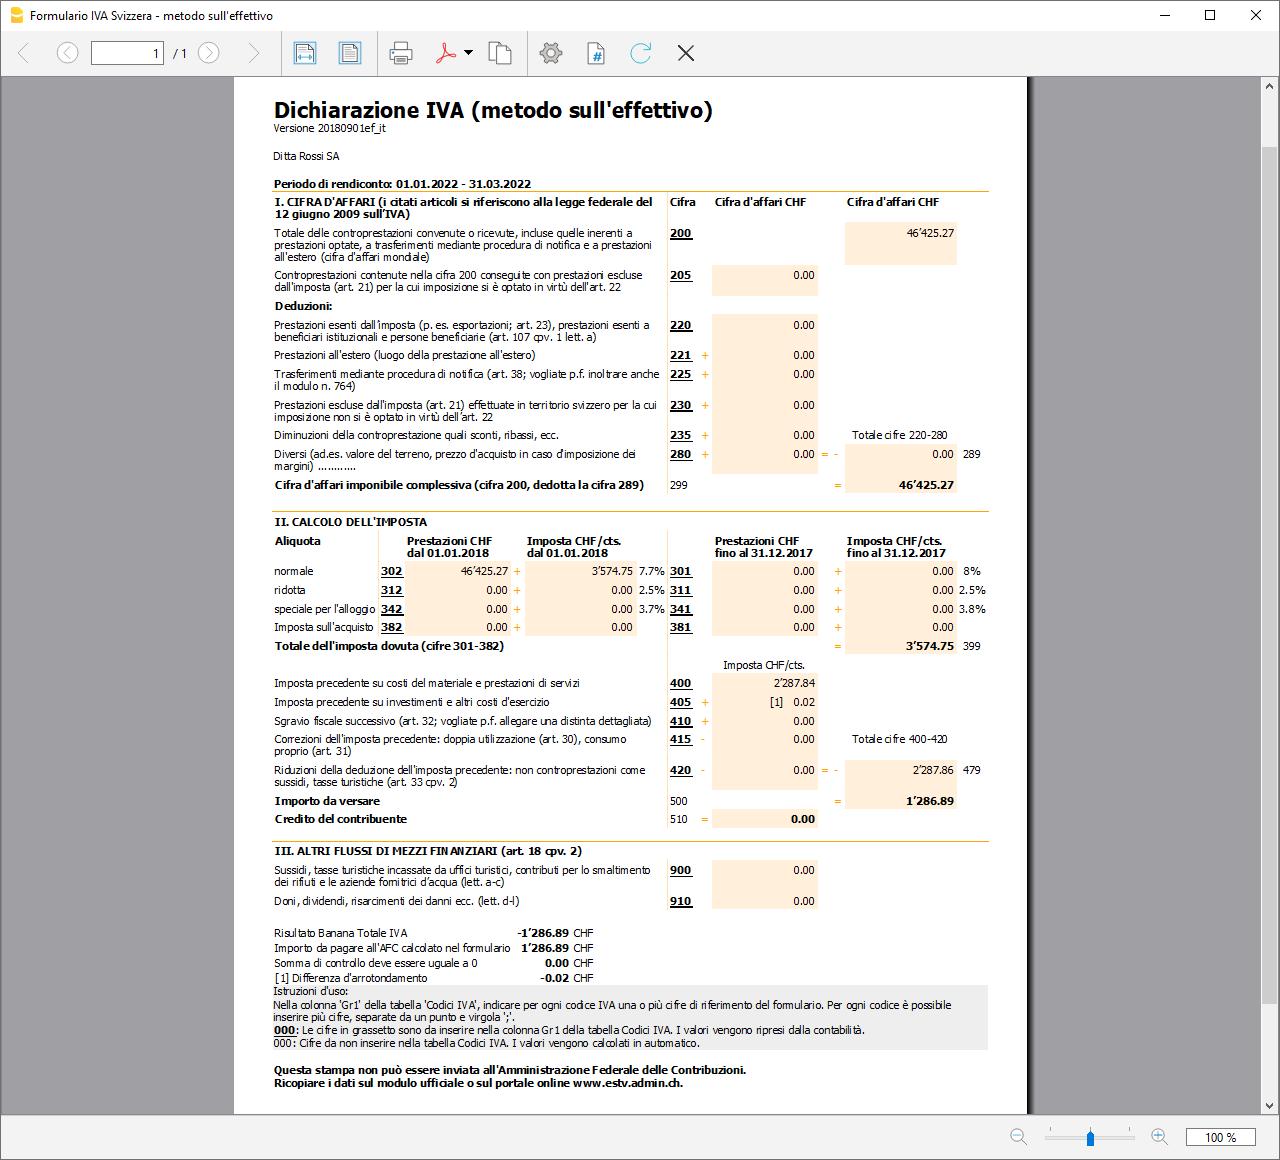 fac-simile formulario IVA